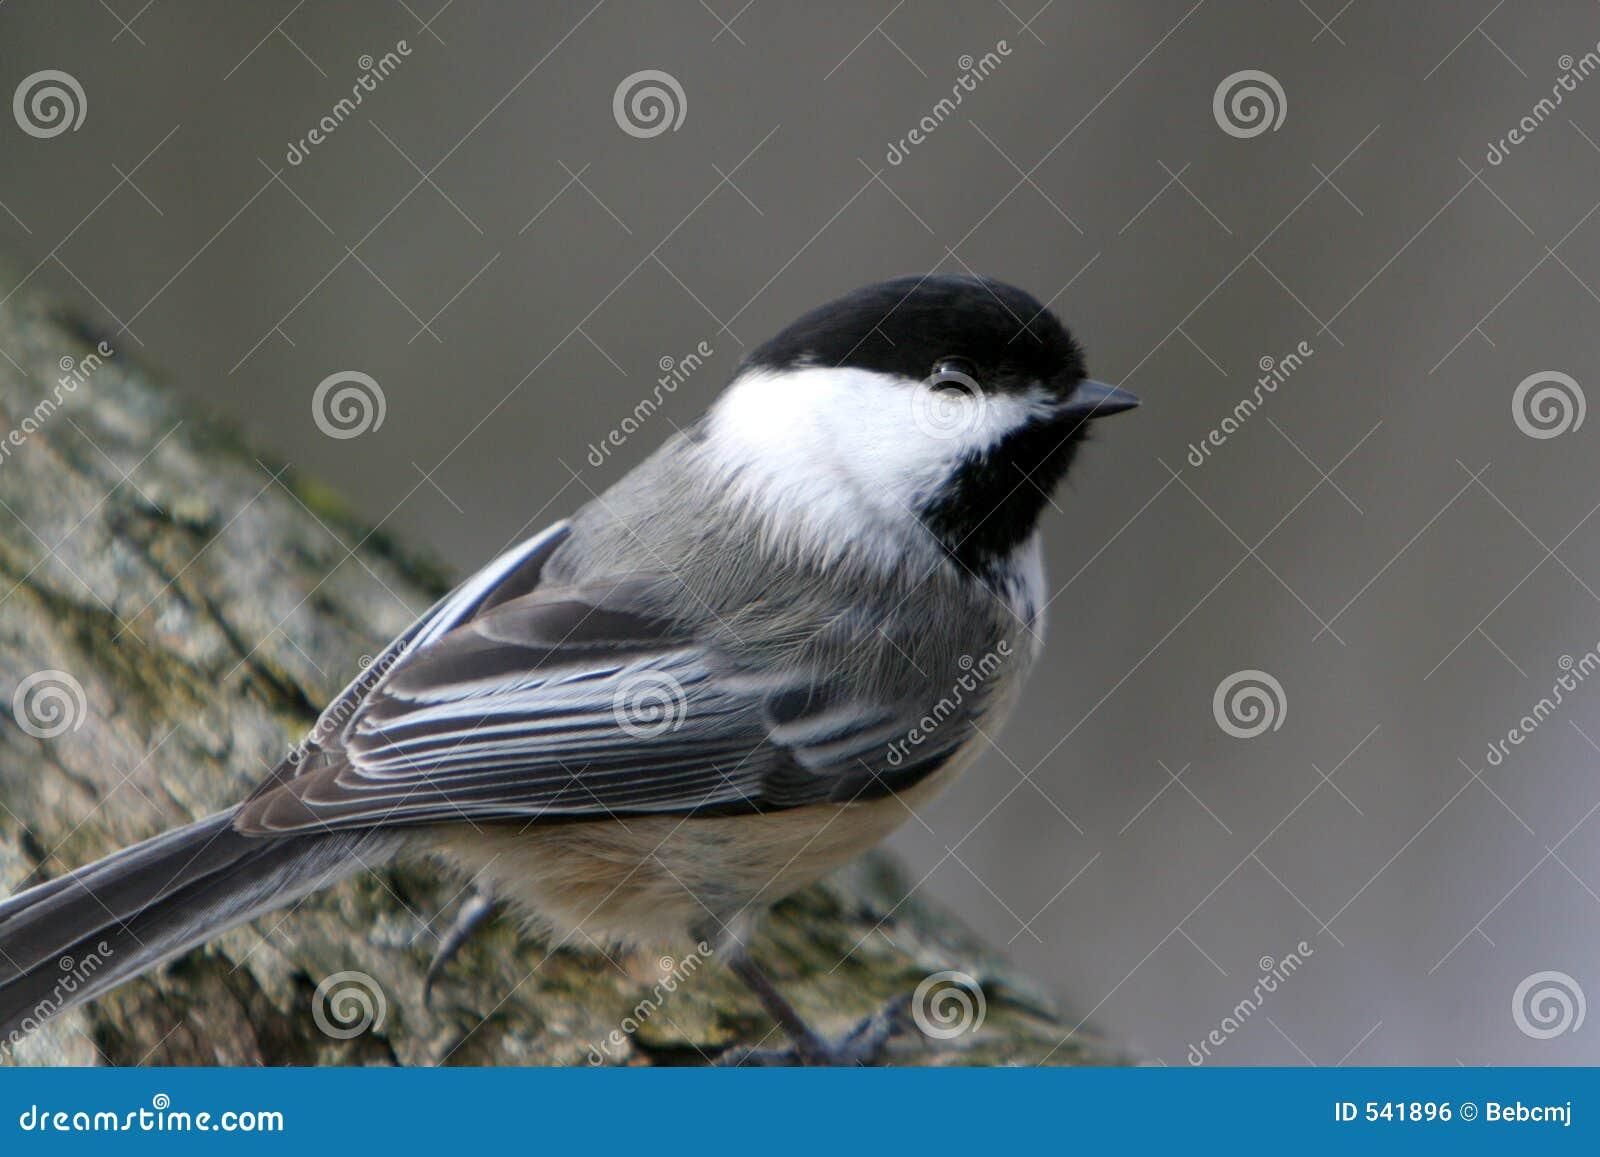 Pájaro Negro-Capsulado del Chickadee encaramado en una ramificación.